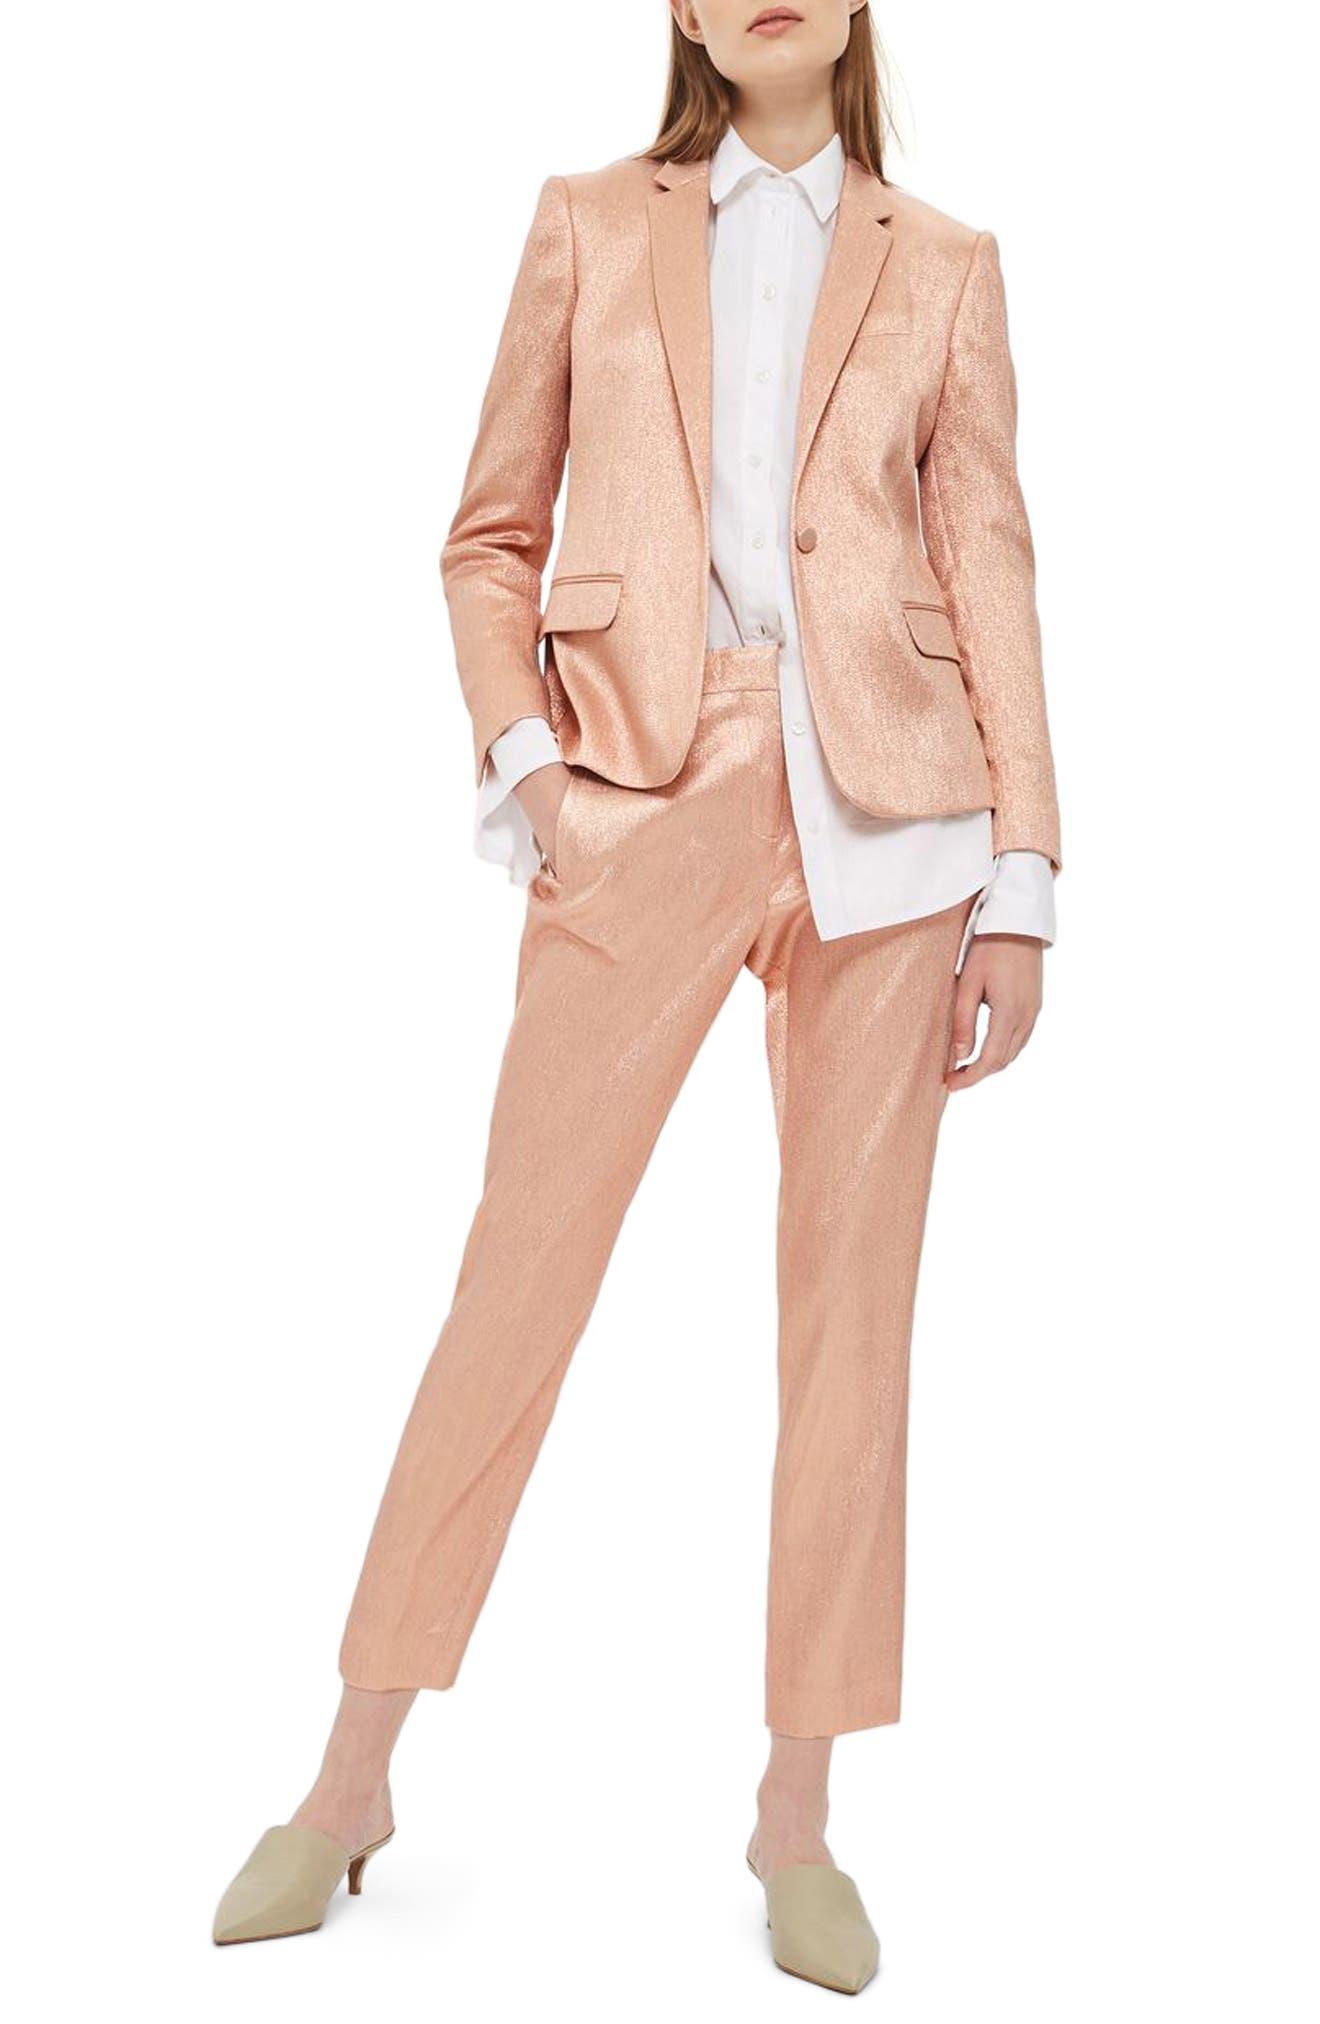 TOPSHOP Metallic Glitter Suit Jacket